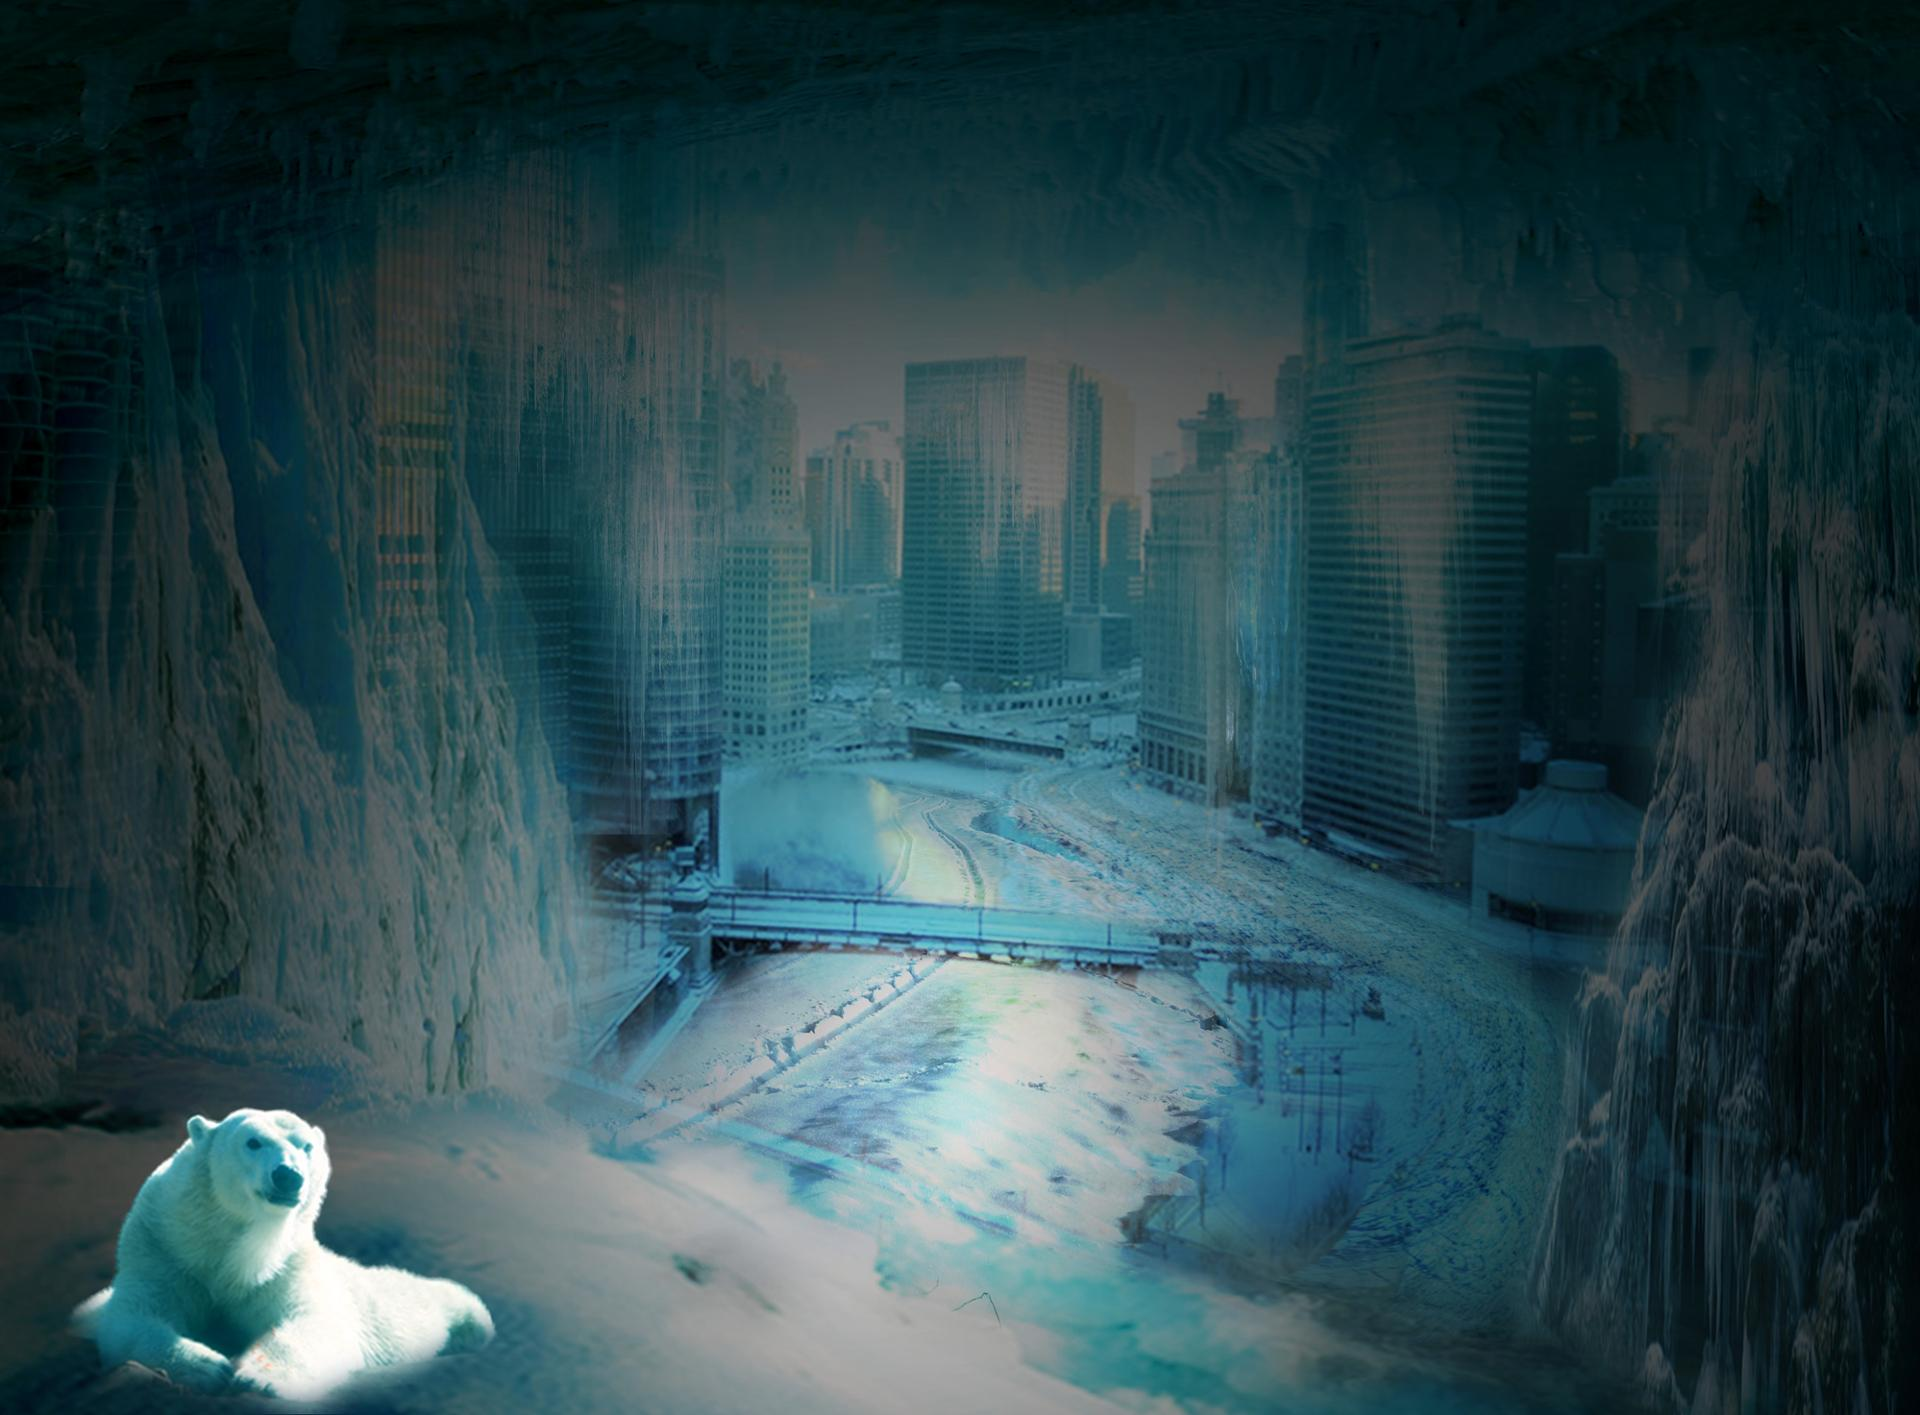 Refroidissement de la planète